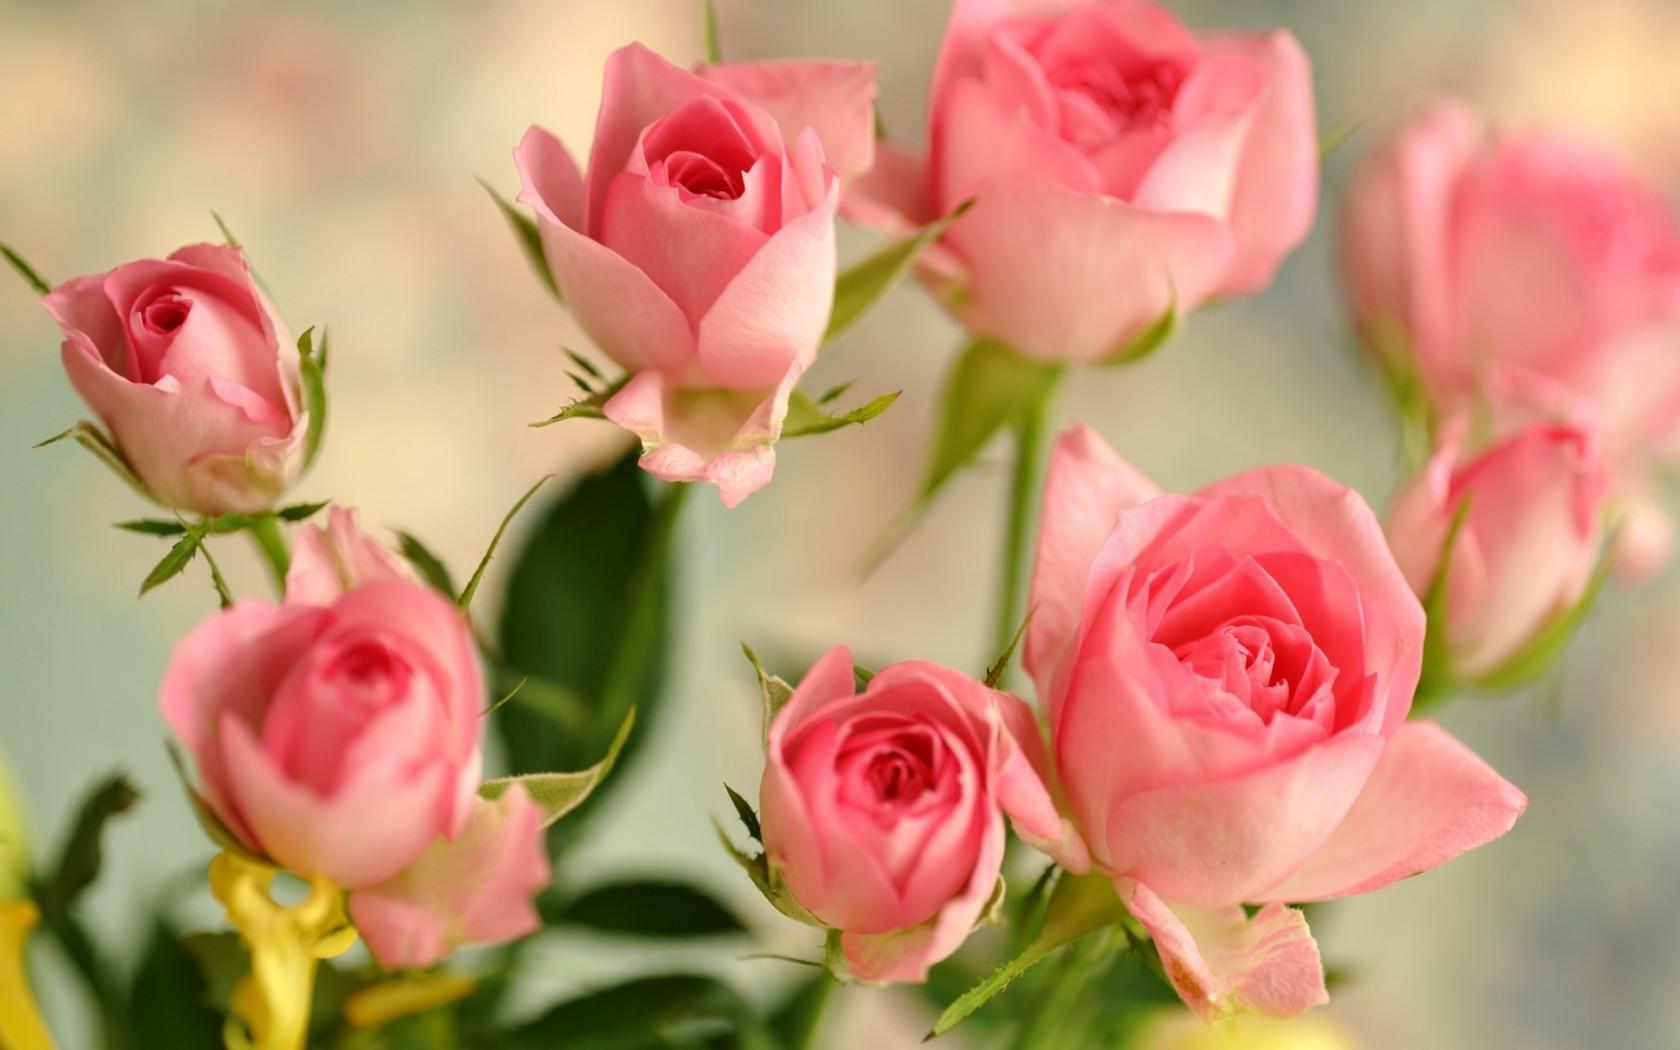 Обои на рабочий стол маленькие розы